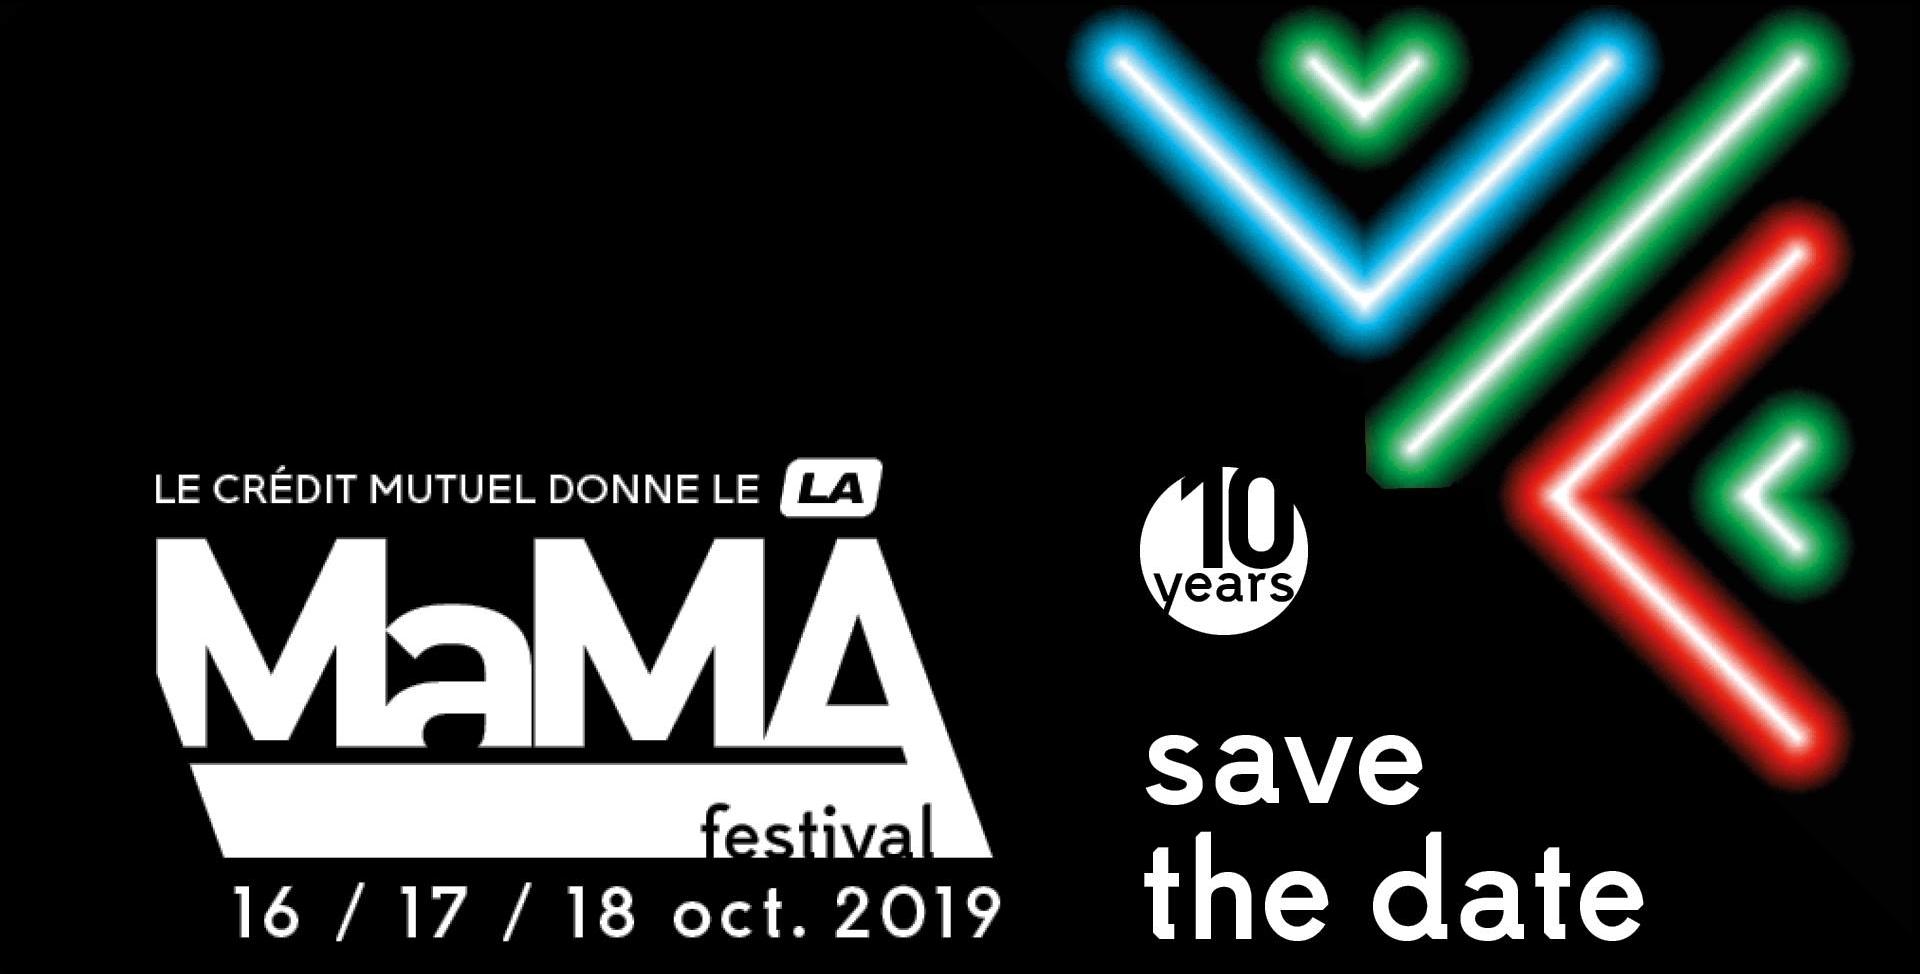 MaMA festival 2019